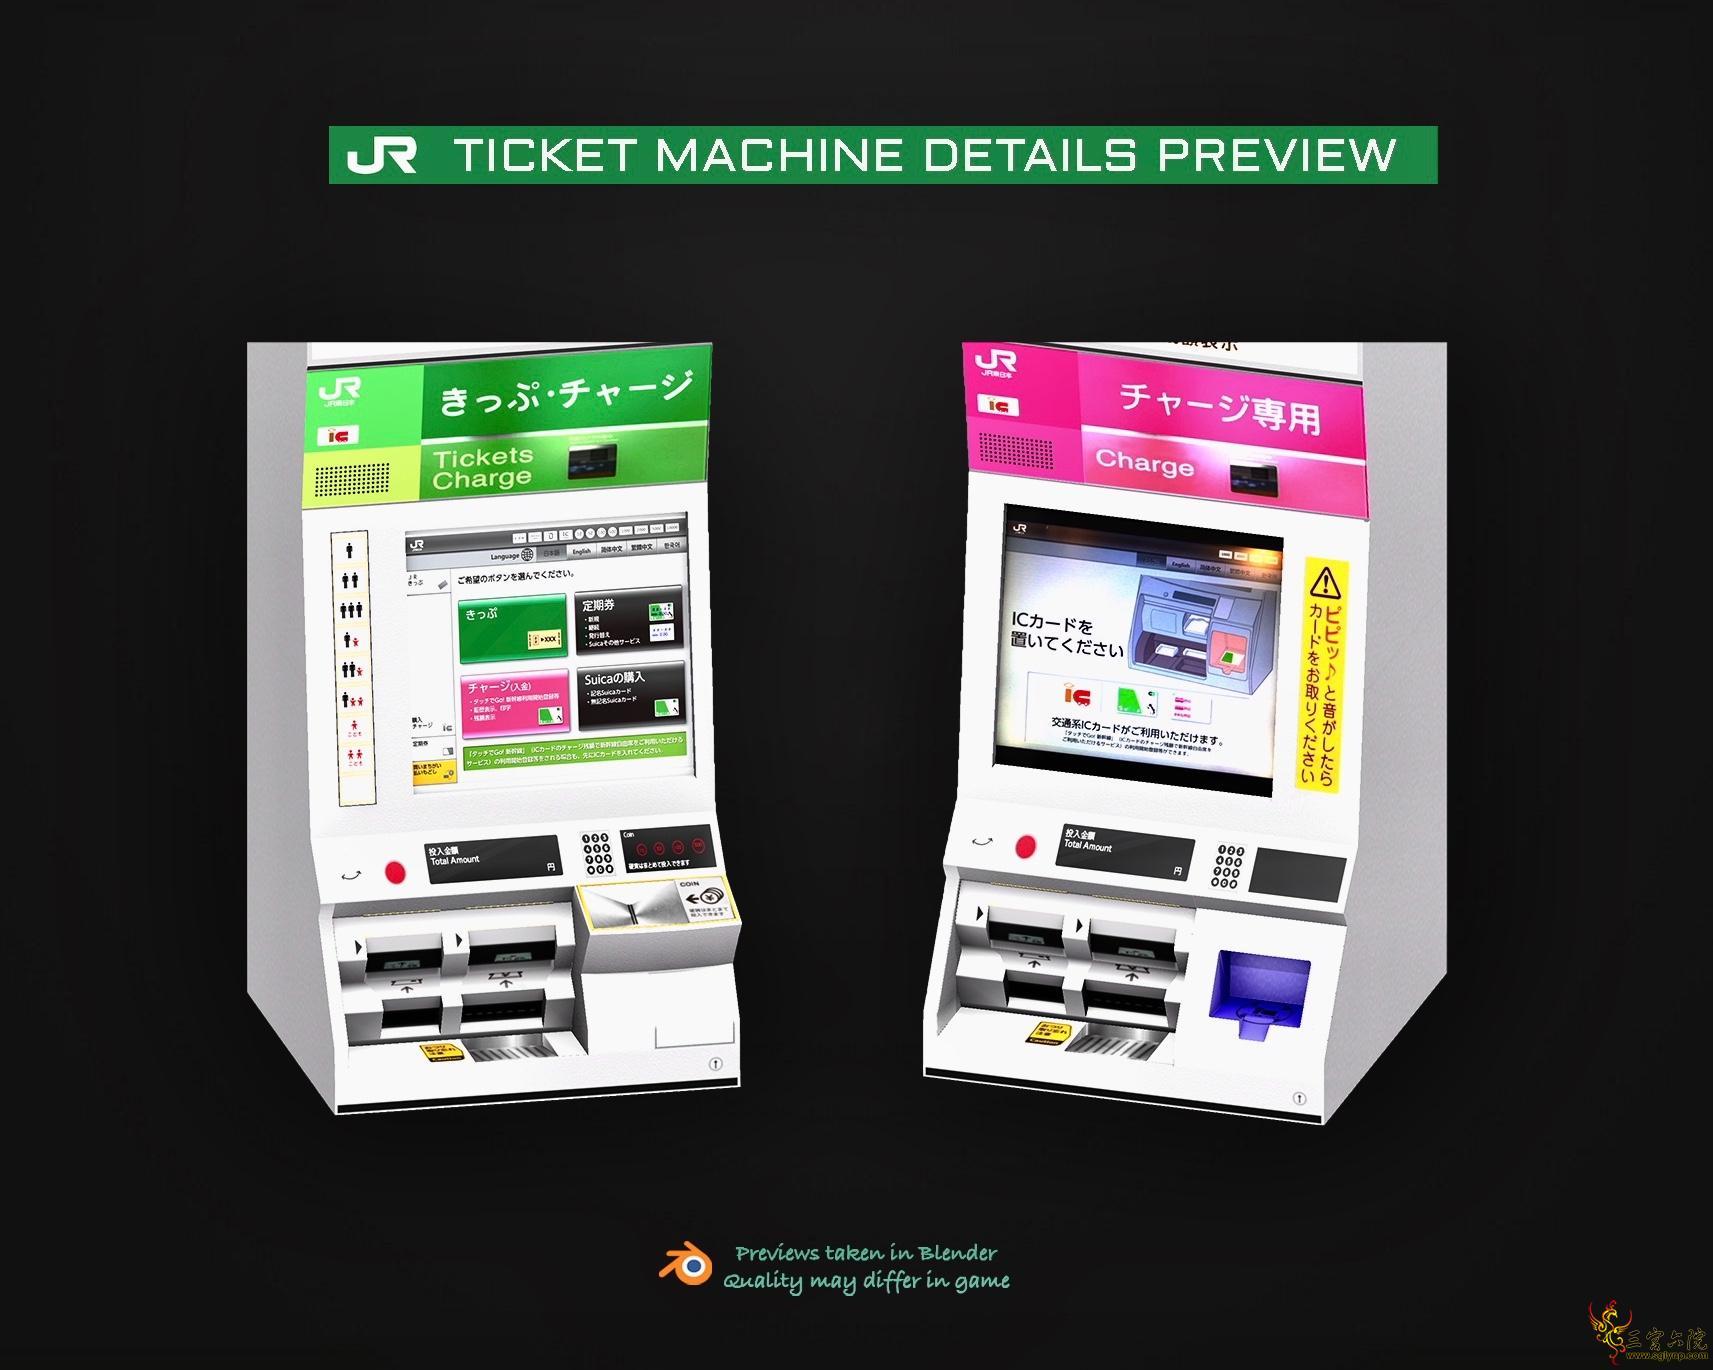 Ticket Machine Preview Details.jpg